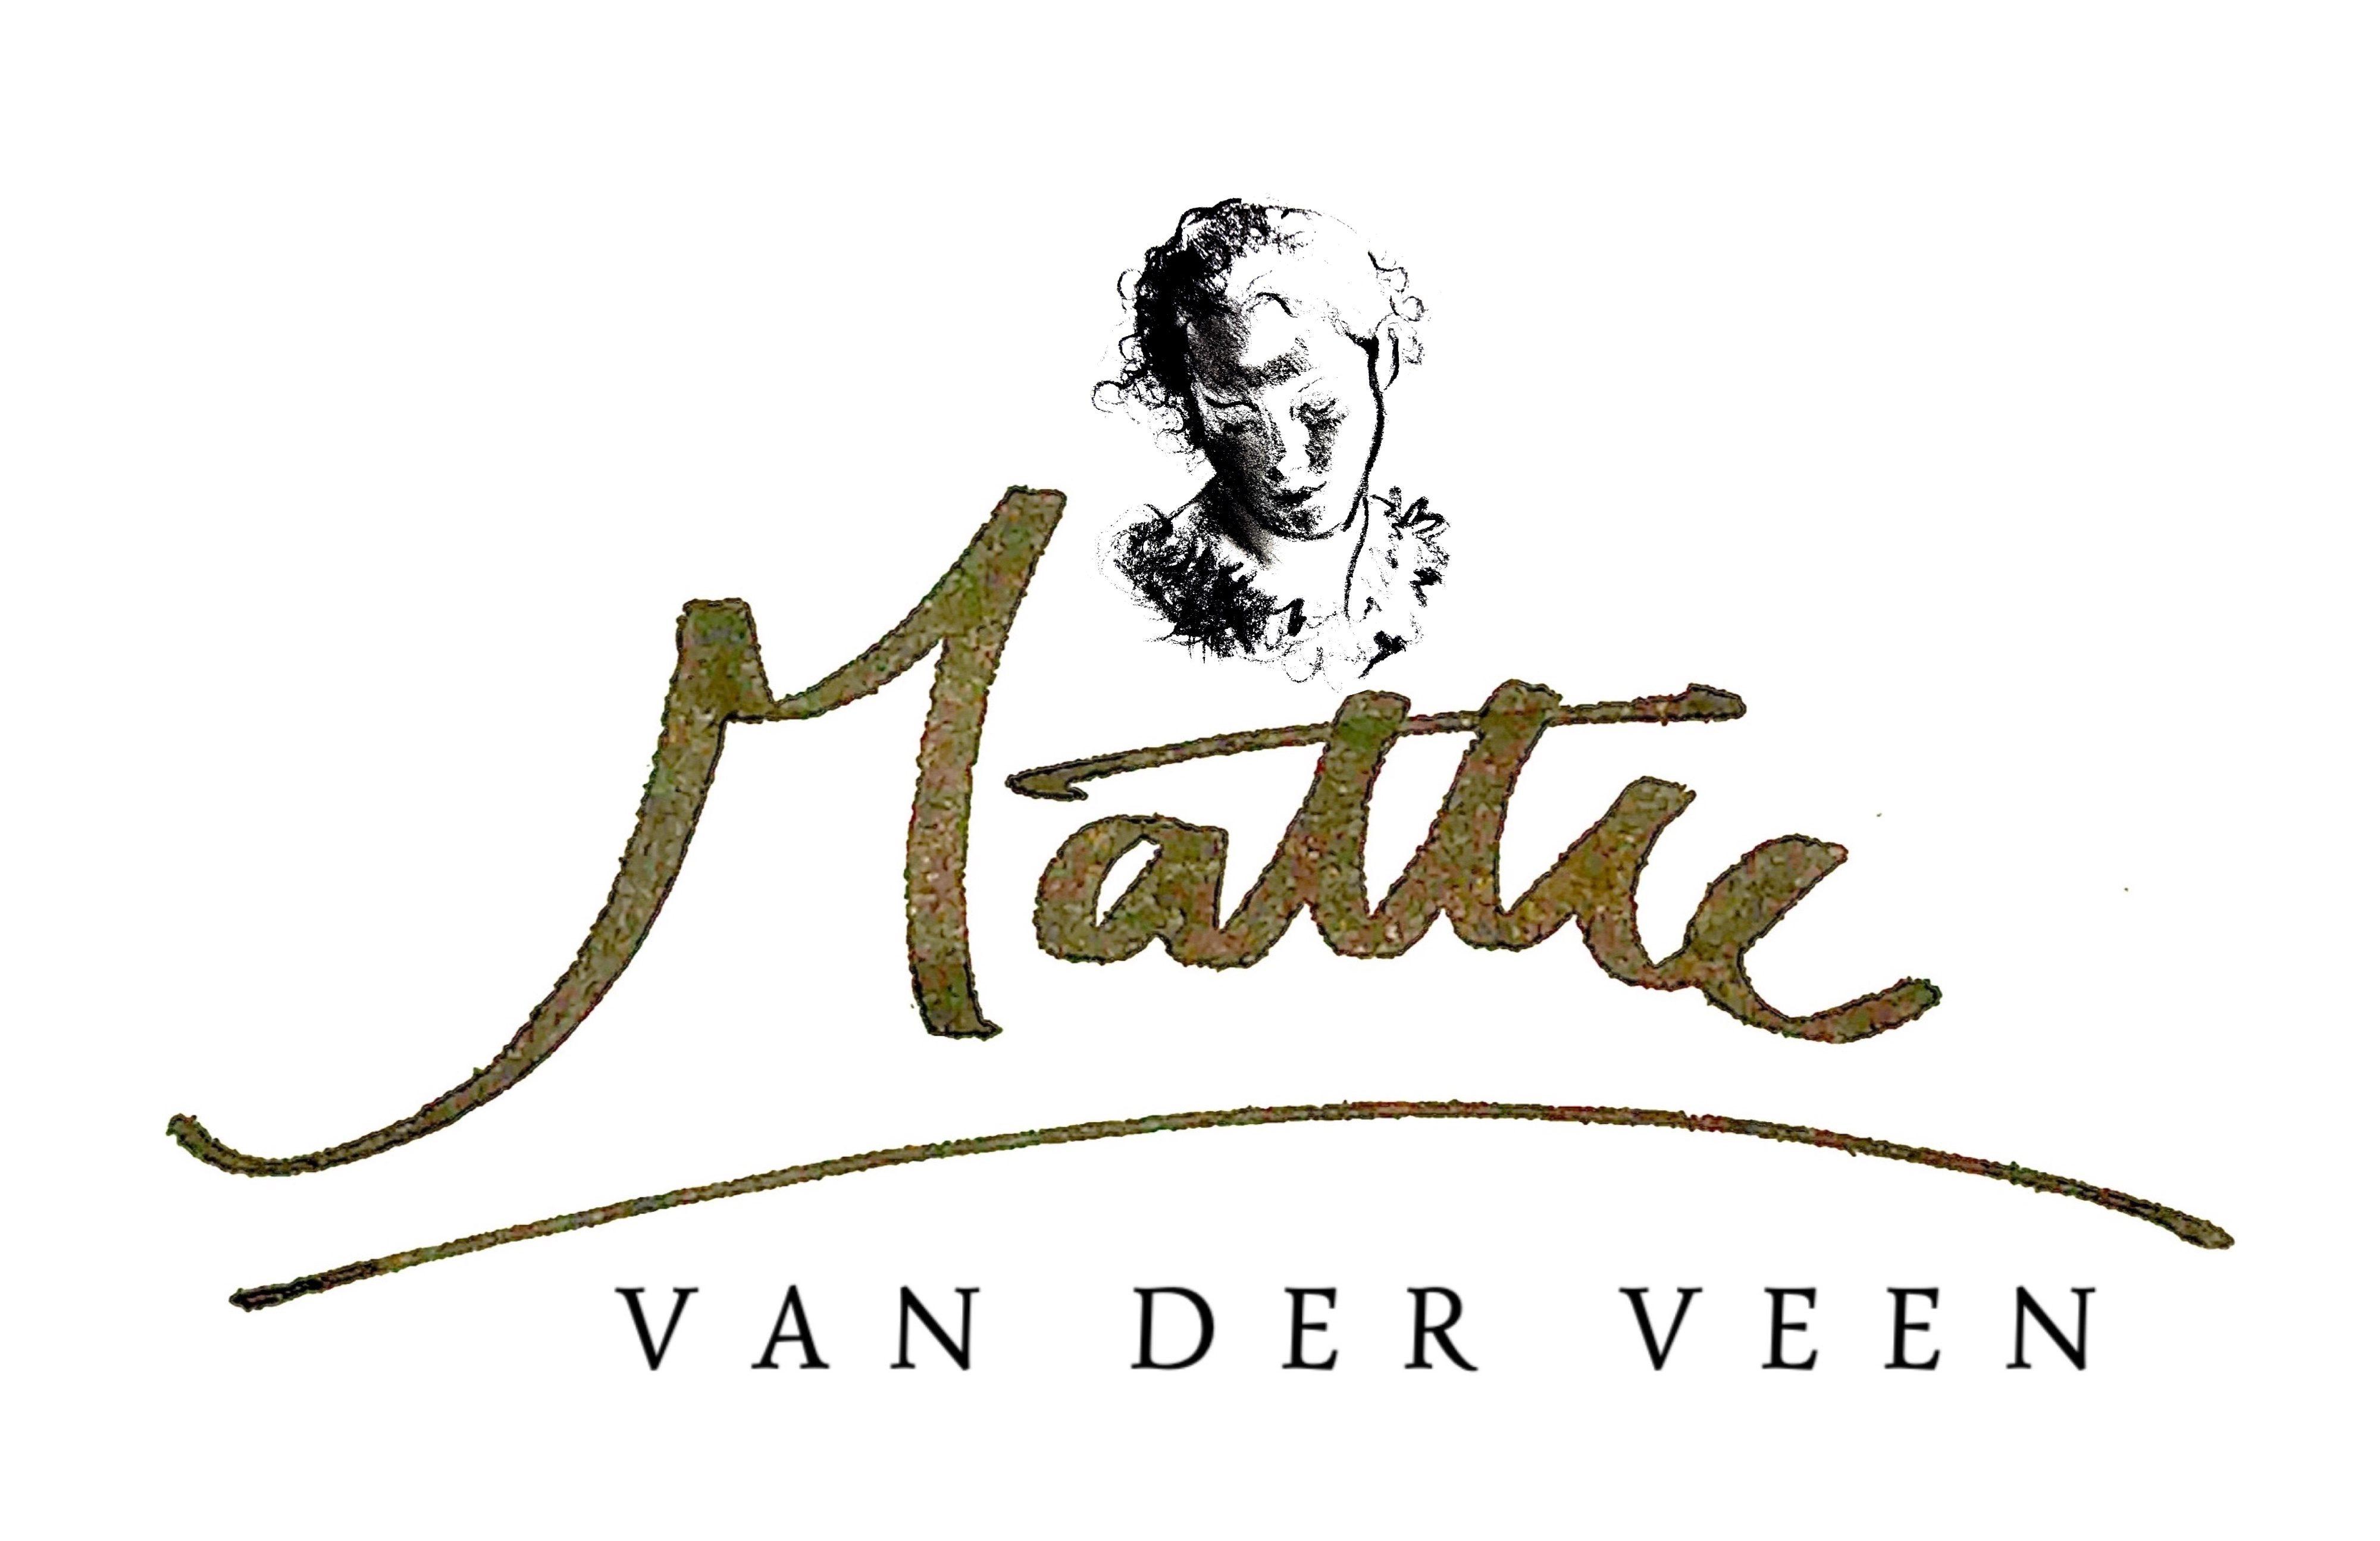 MATTIE VAN DER VEEN